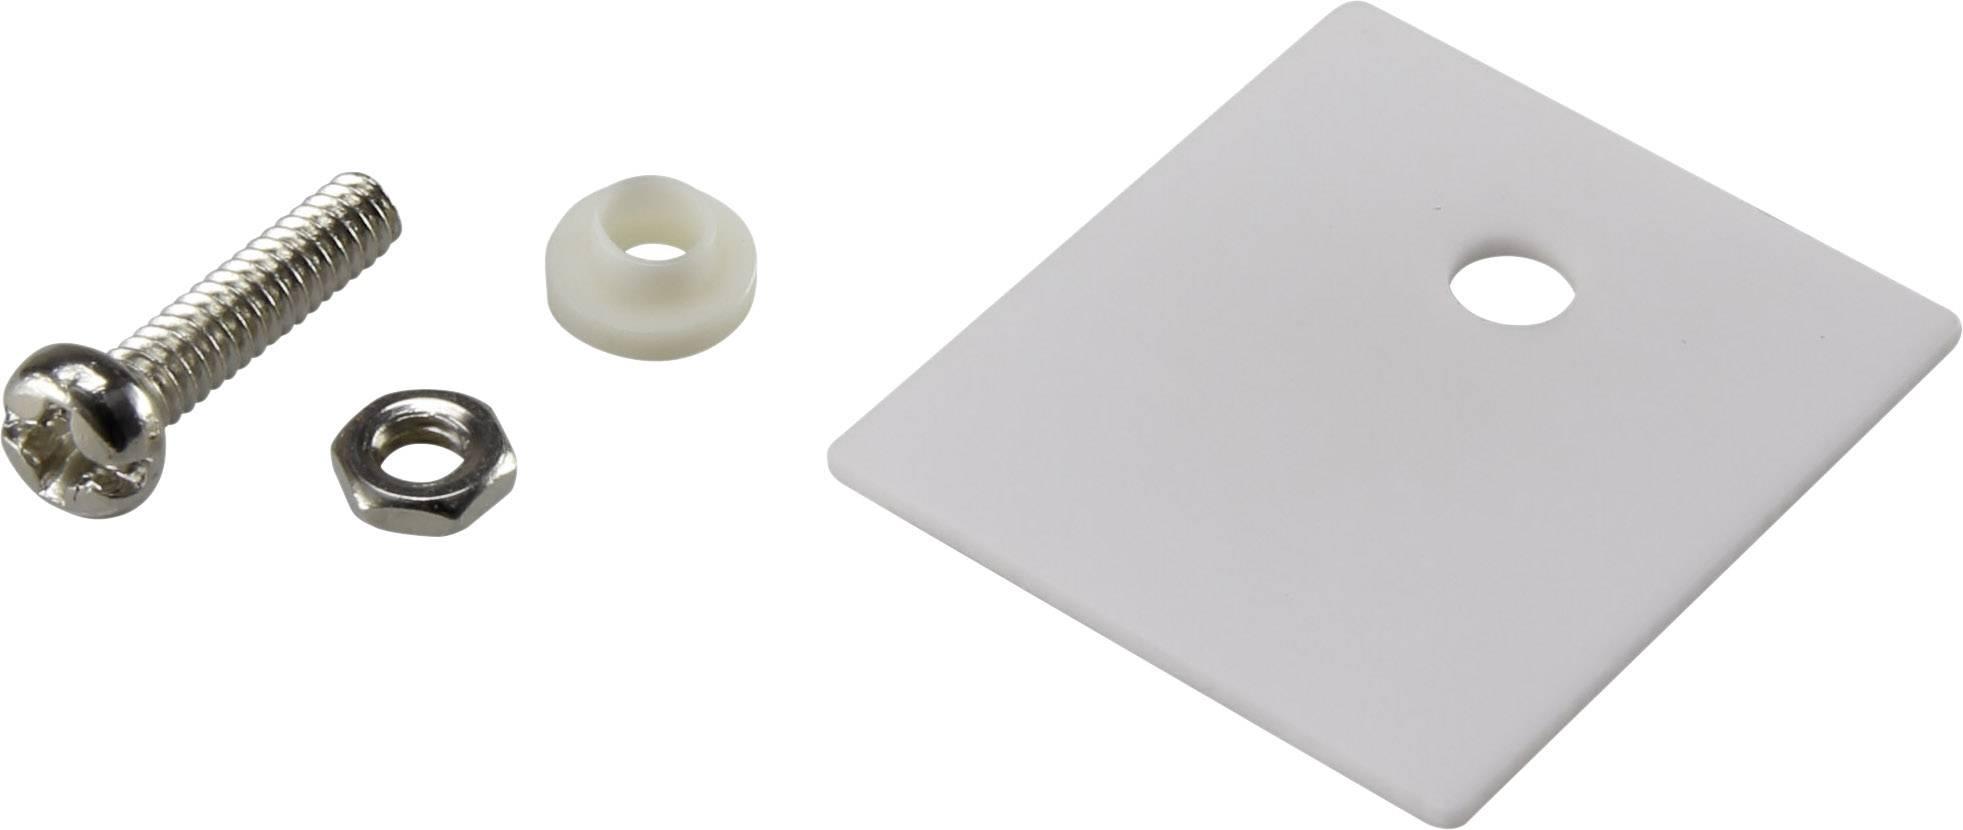 Sada montážního materiálu pro polovodiče SCI A18-10C, (d x š) 25 mm x 22 mm, vhodné pro TO-218 , 1 sada